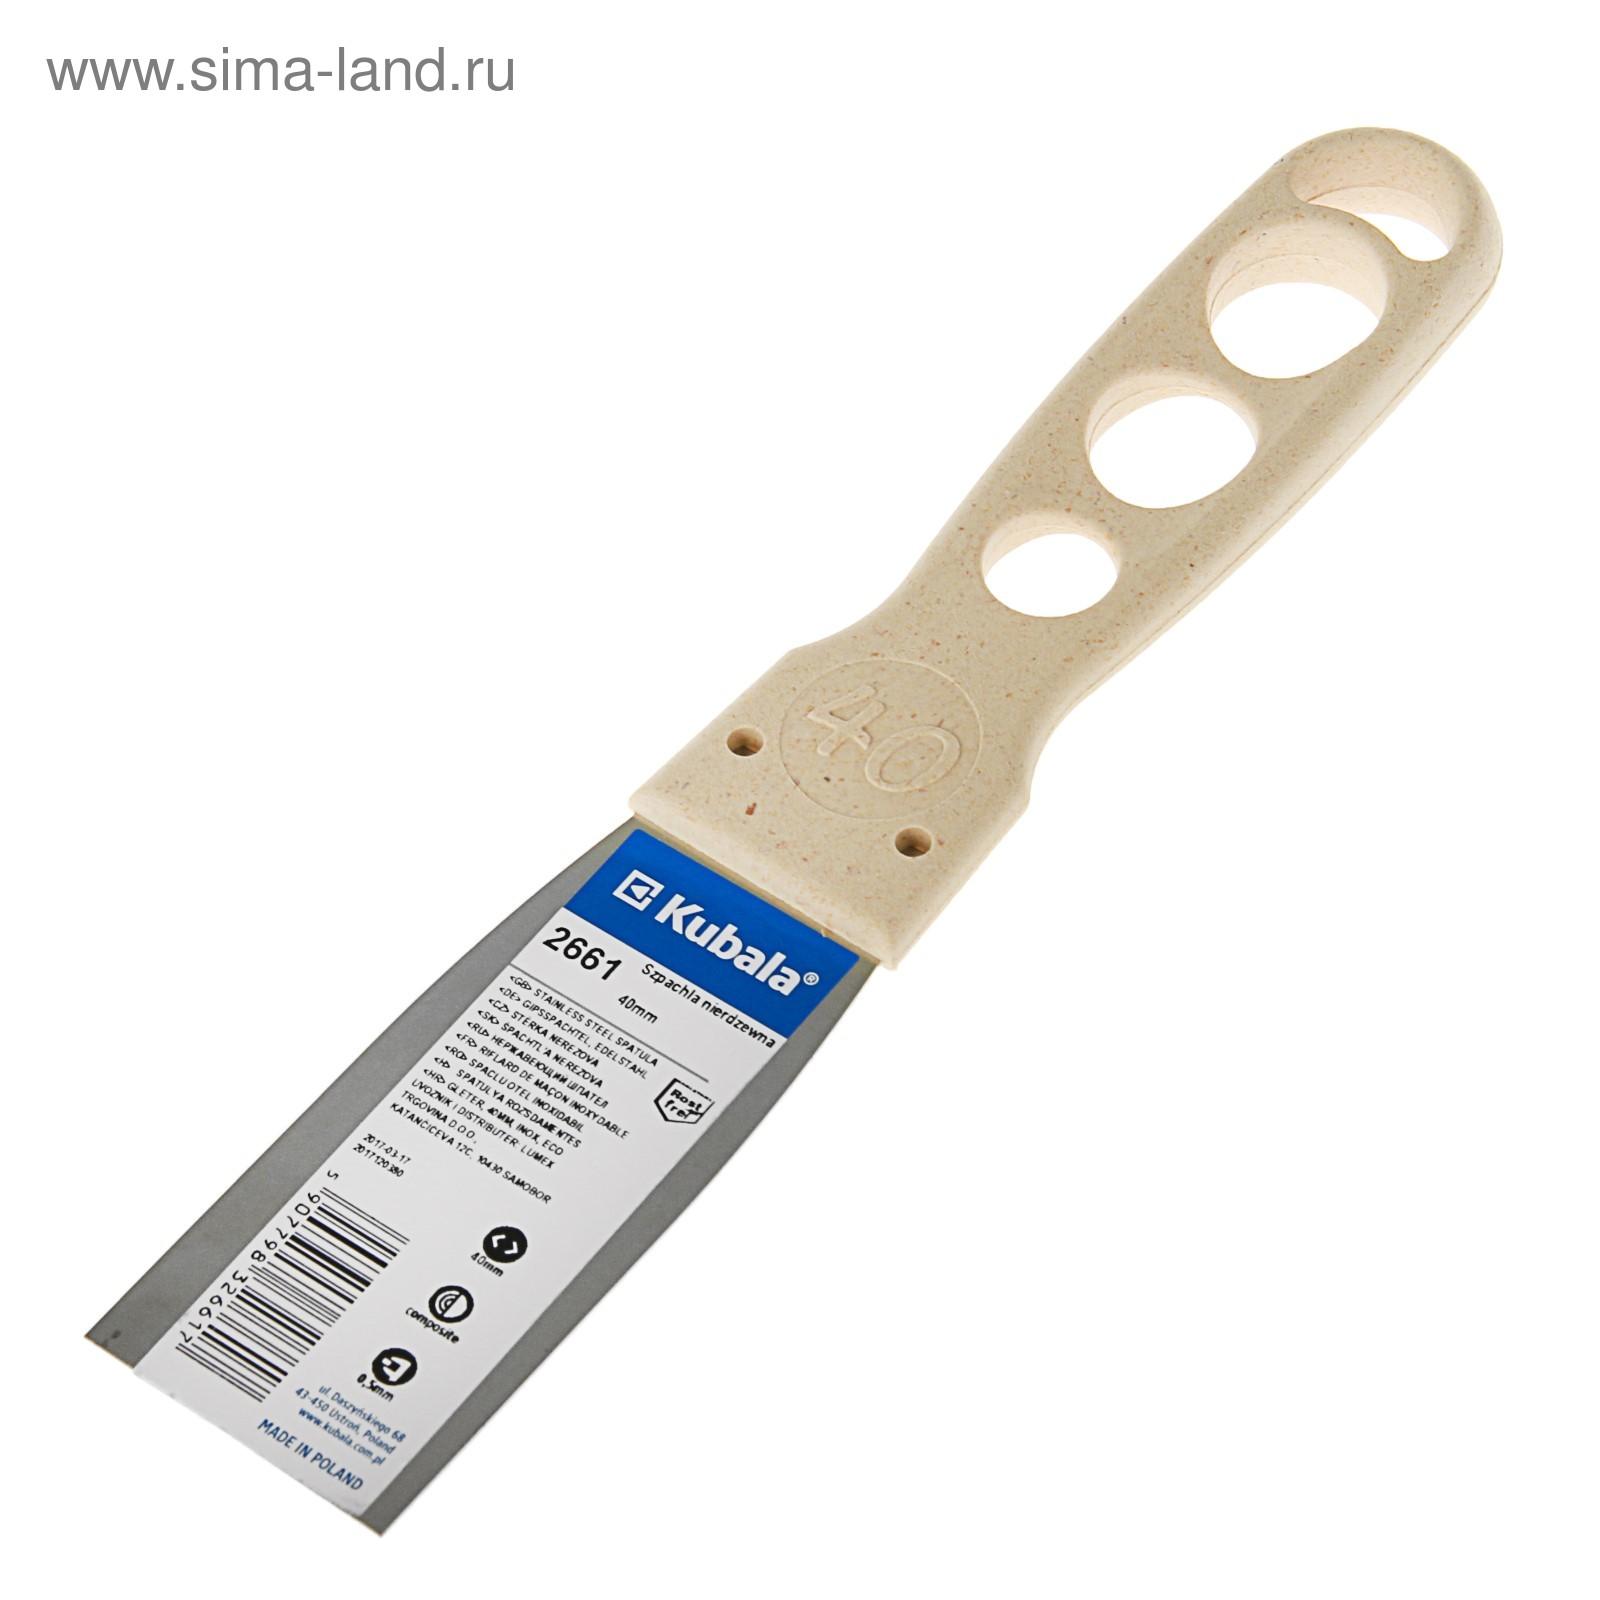 Шпатель фасадный kubala eco line, 40 мм, нержавеющая сталь, ручка